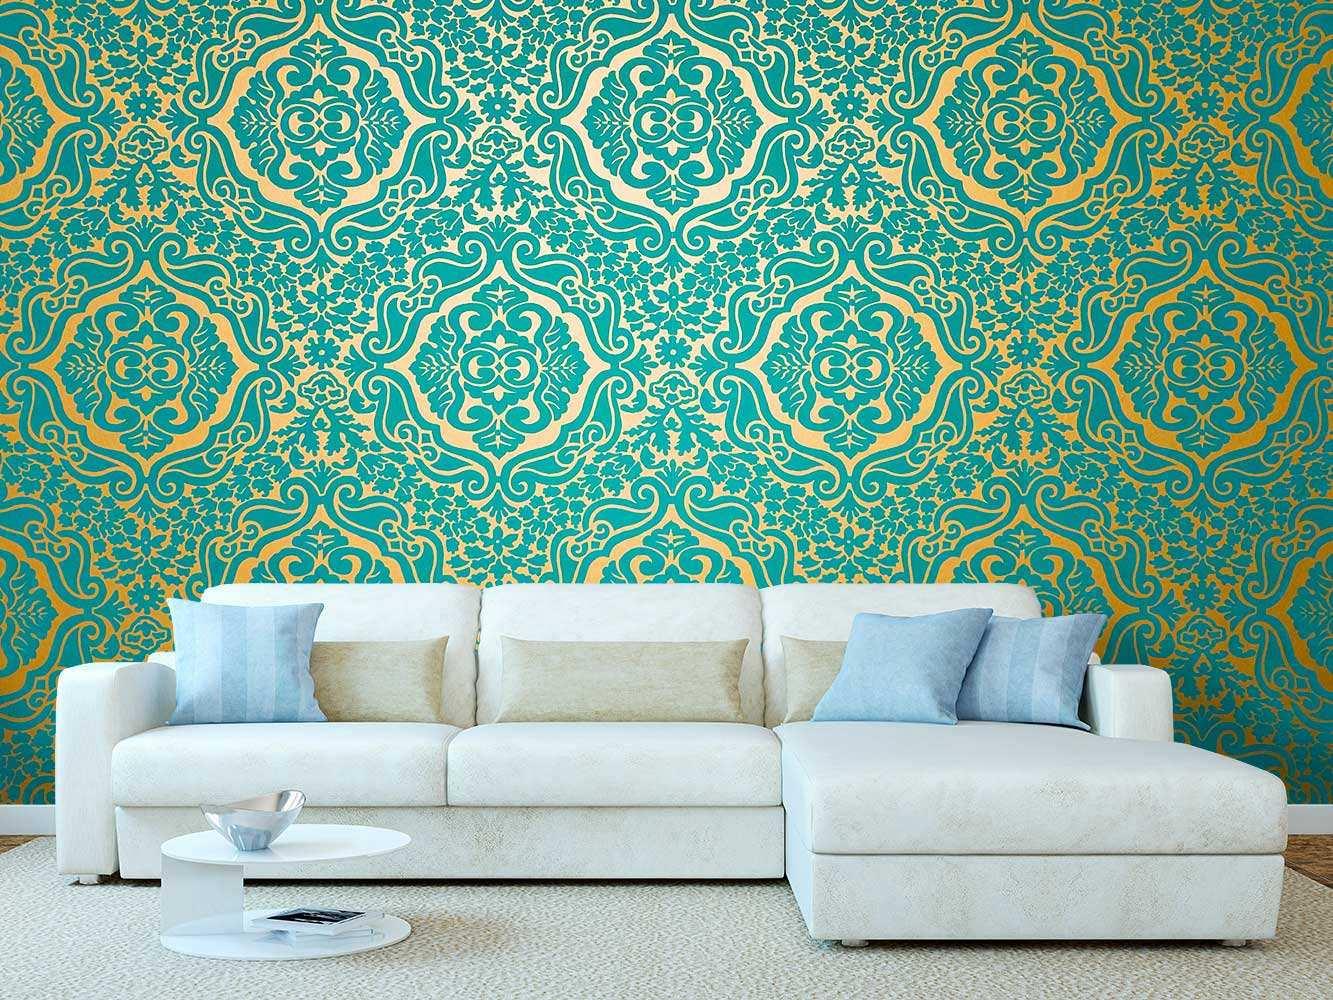 Fotomural Papel Pintado Elegante Floral Verde | Carteles XXL - Impresión carteleria publicitaria